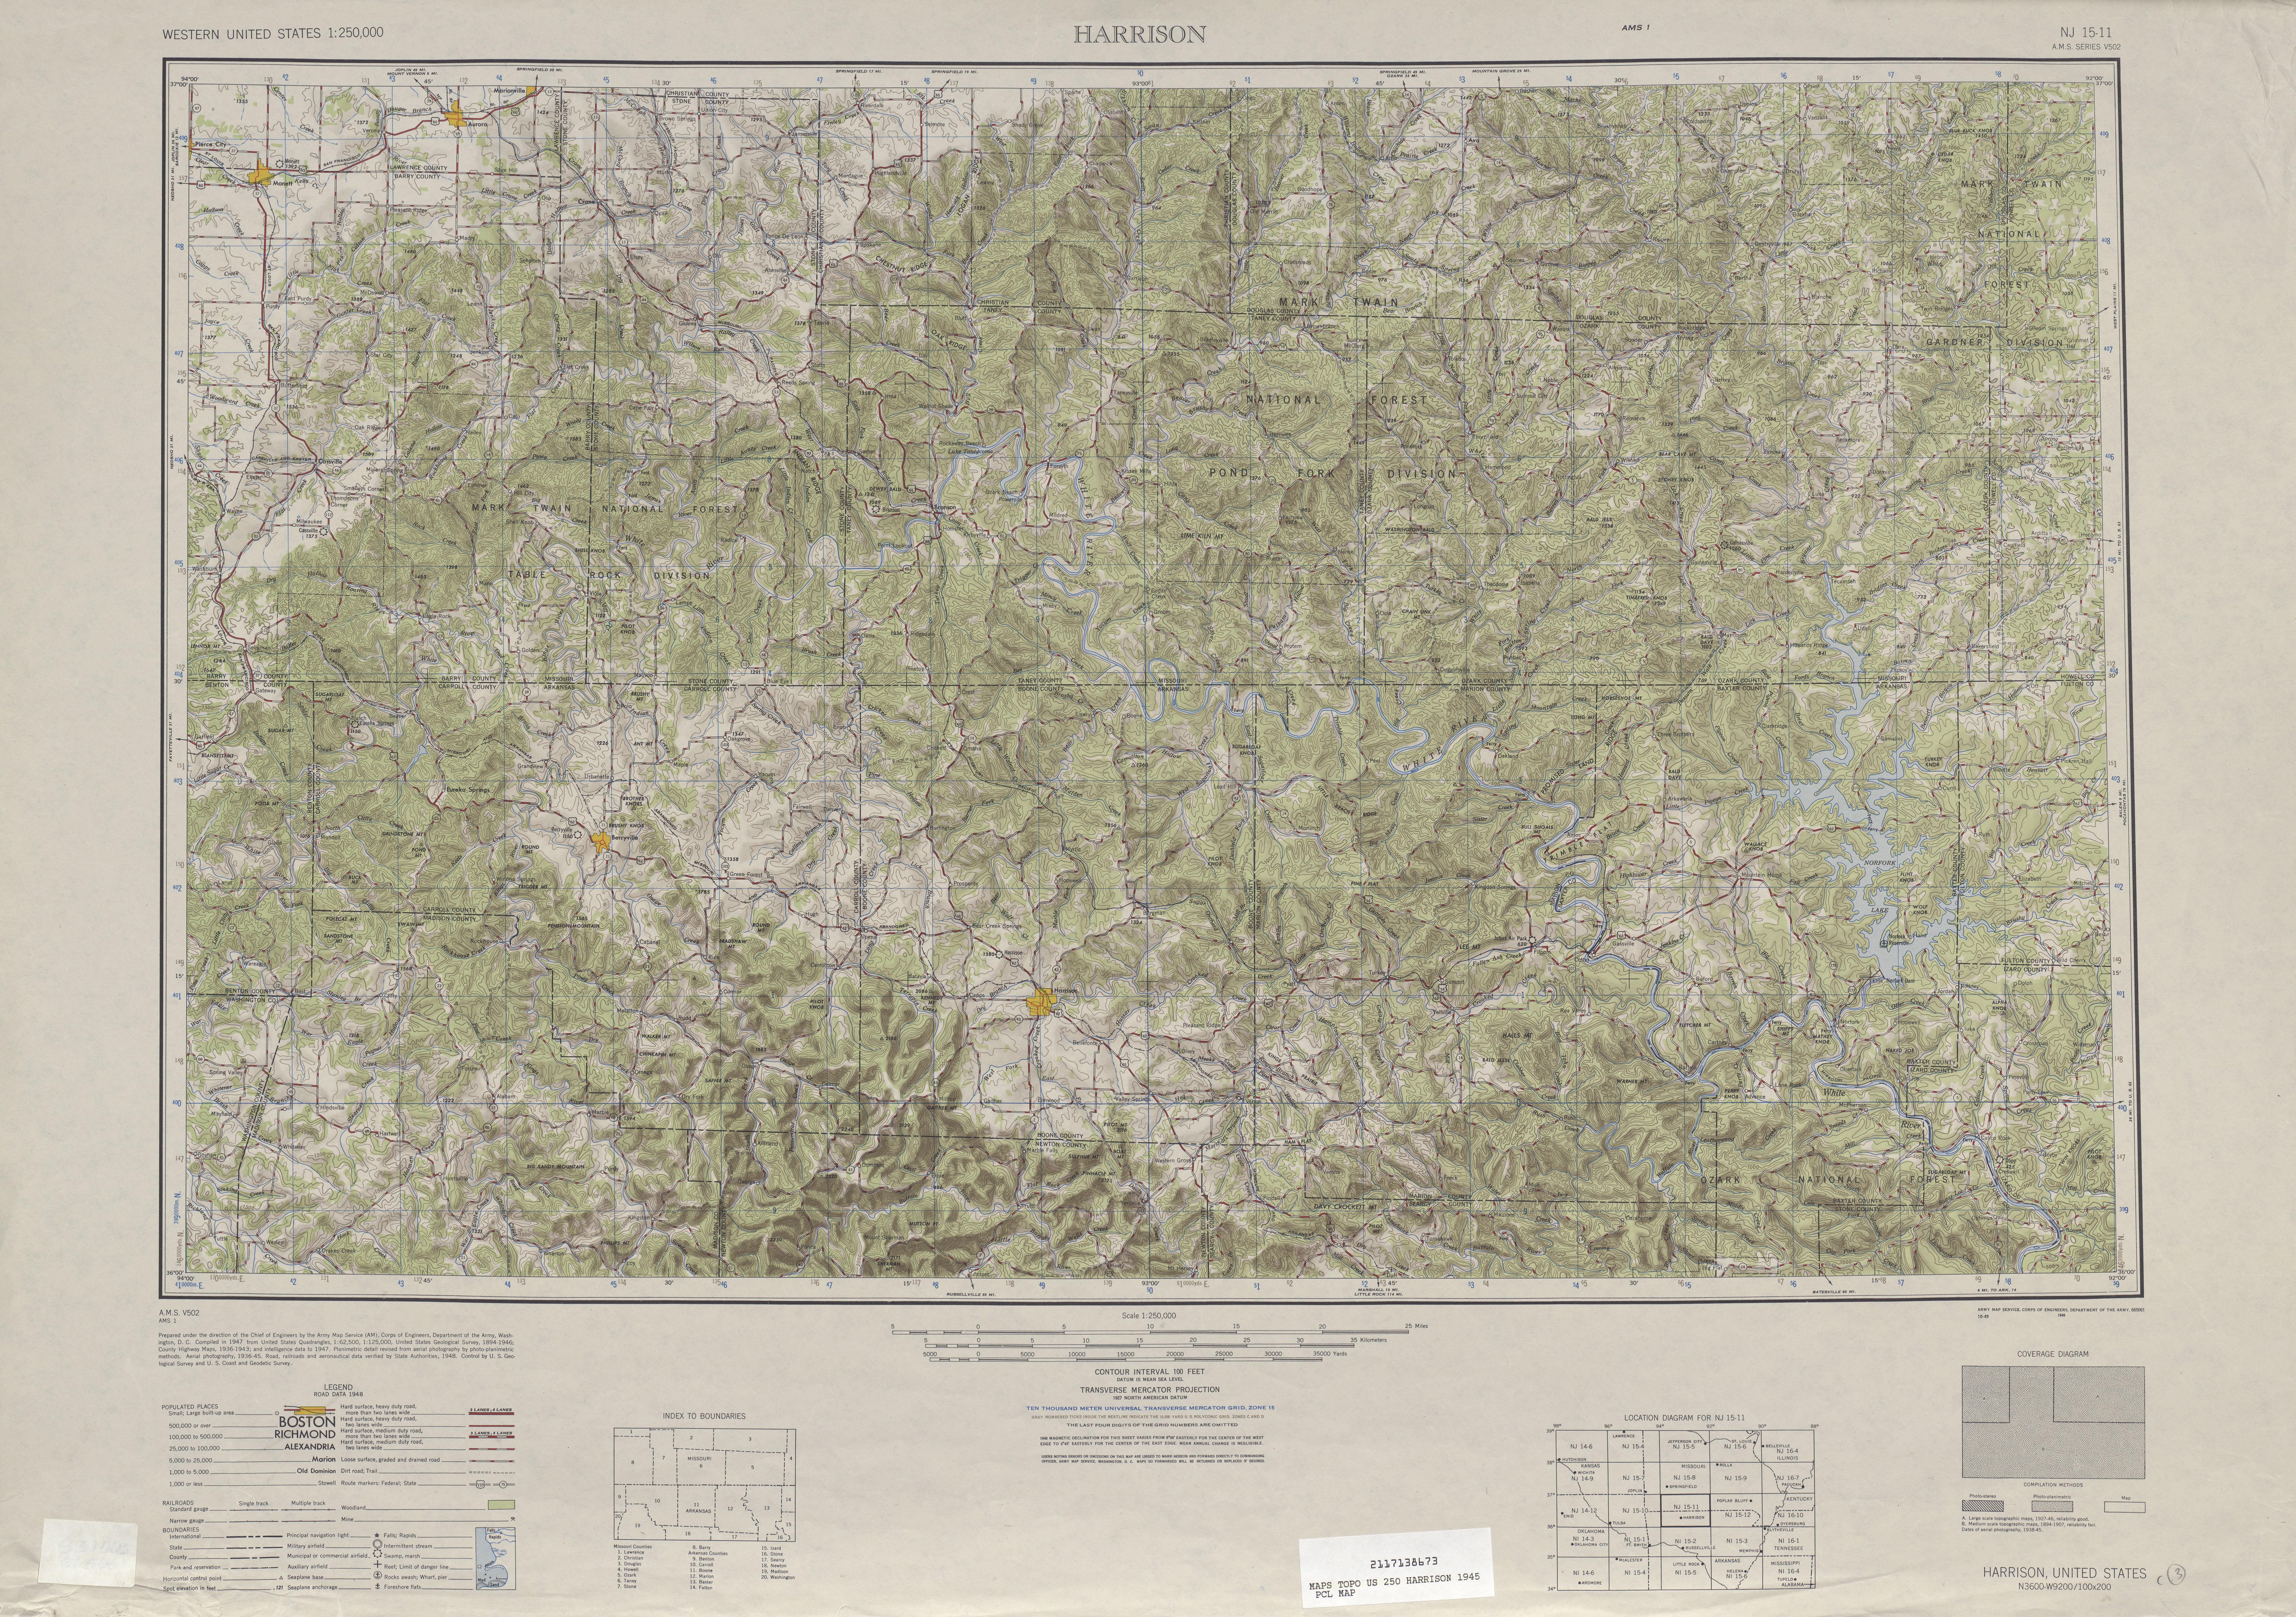 Hoja Harrison del Mapa de Relieve Sombreado de los Estados Unidos 1945